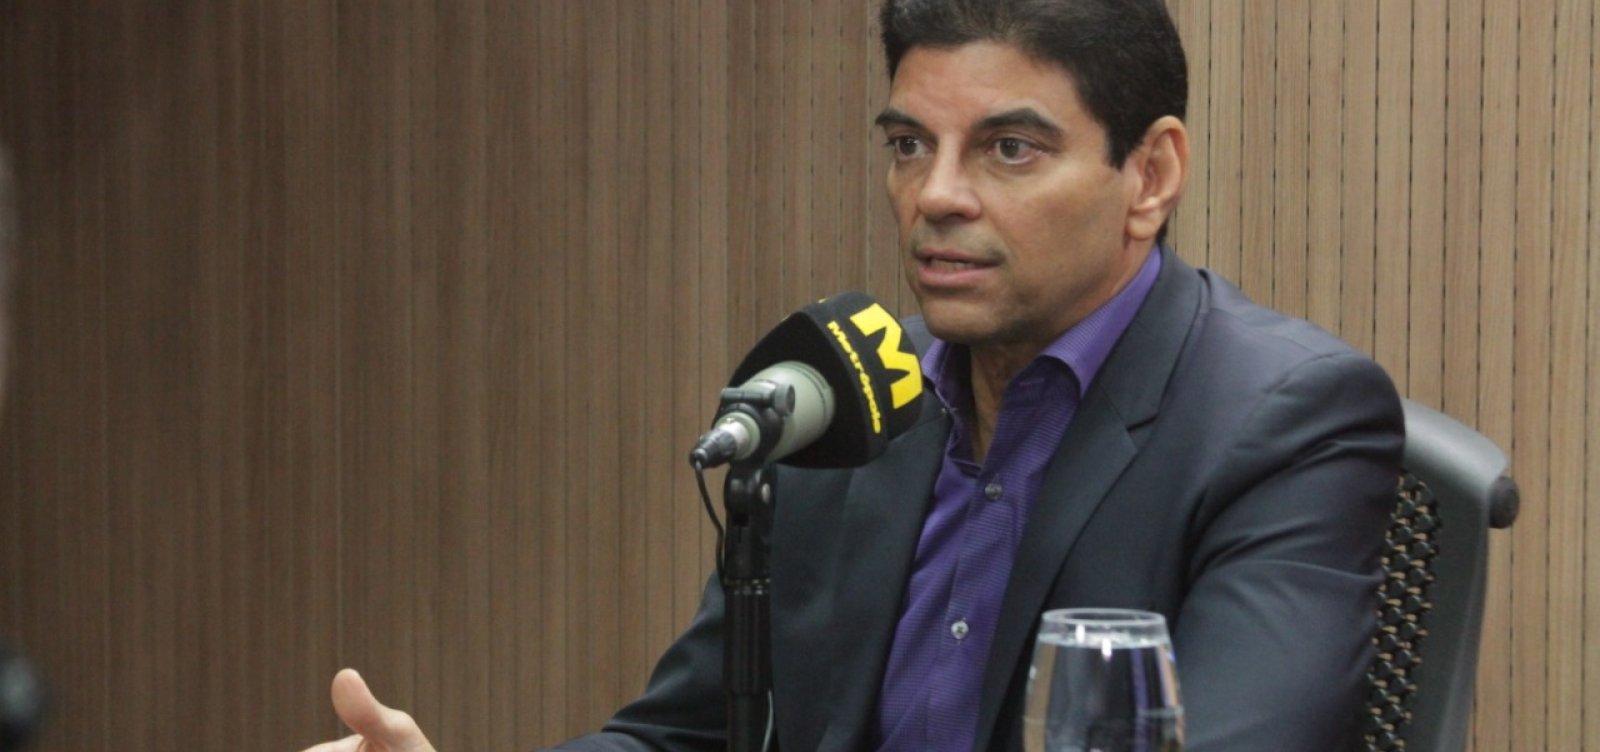 [Cajado minimiza disputa Bolsonaro X Bebianno: 'Crise maior do que deveria' ]